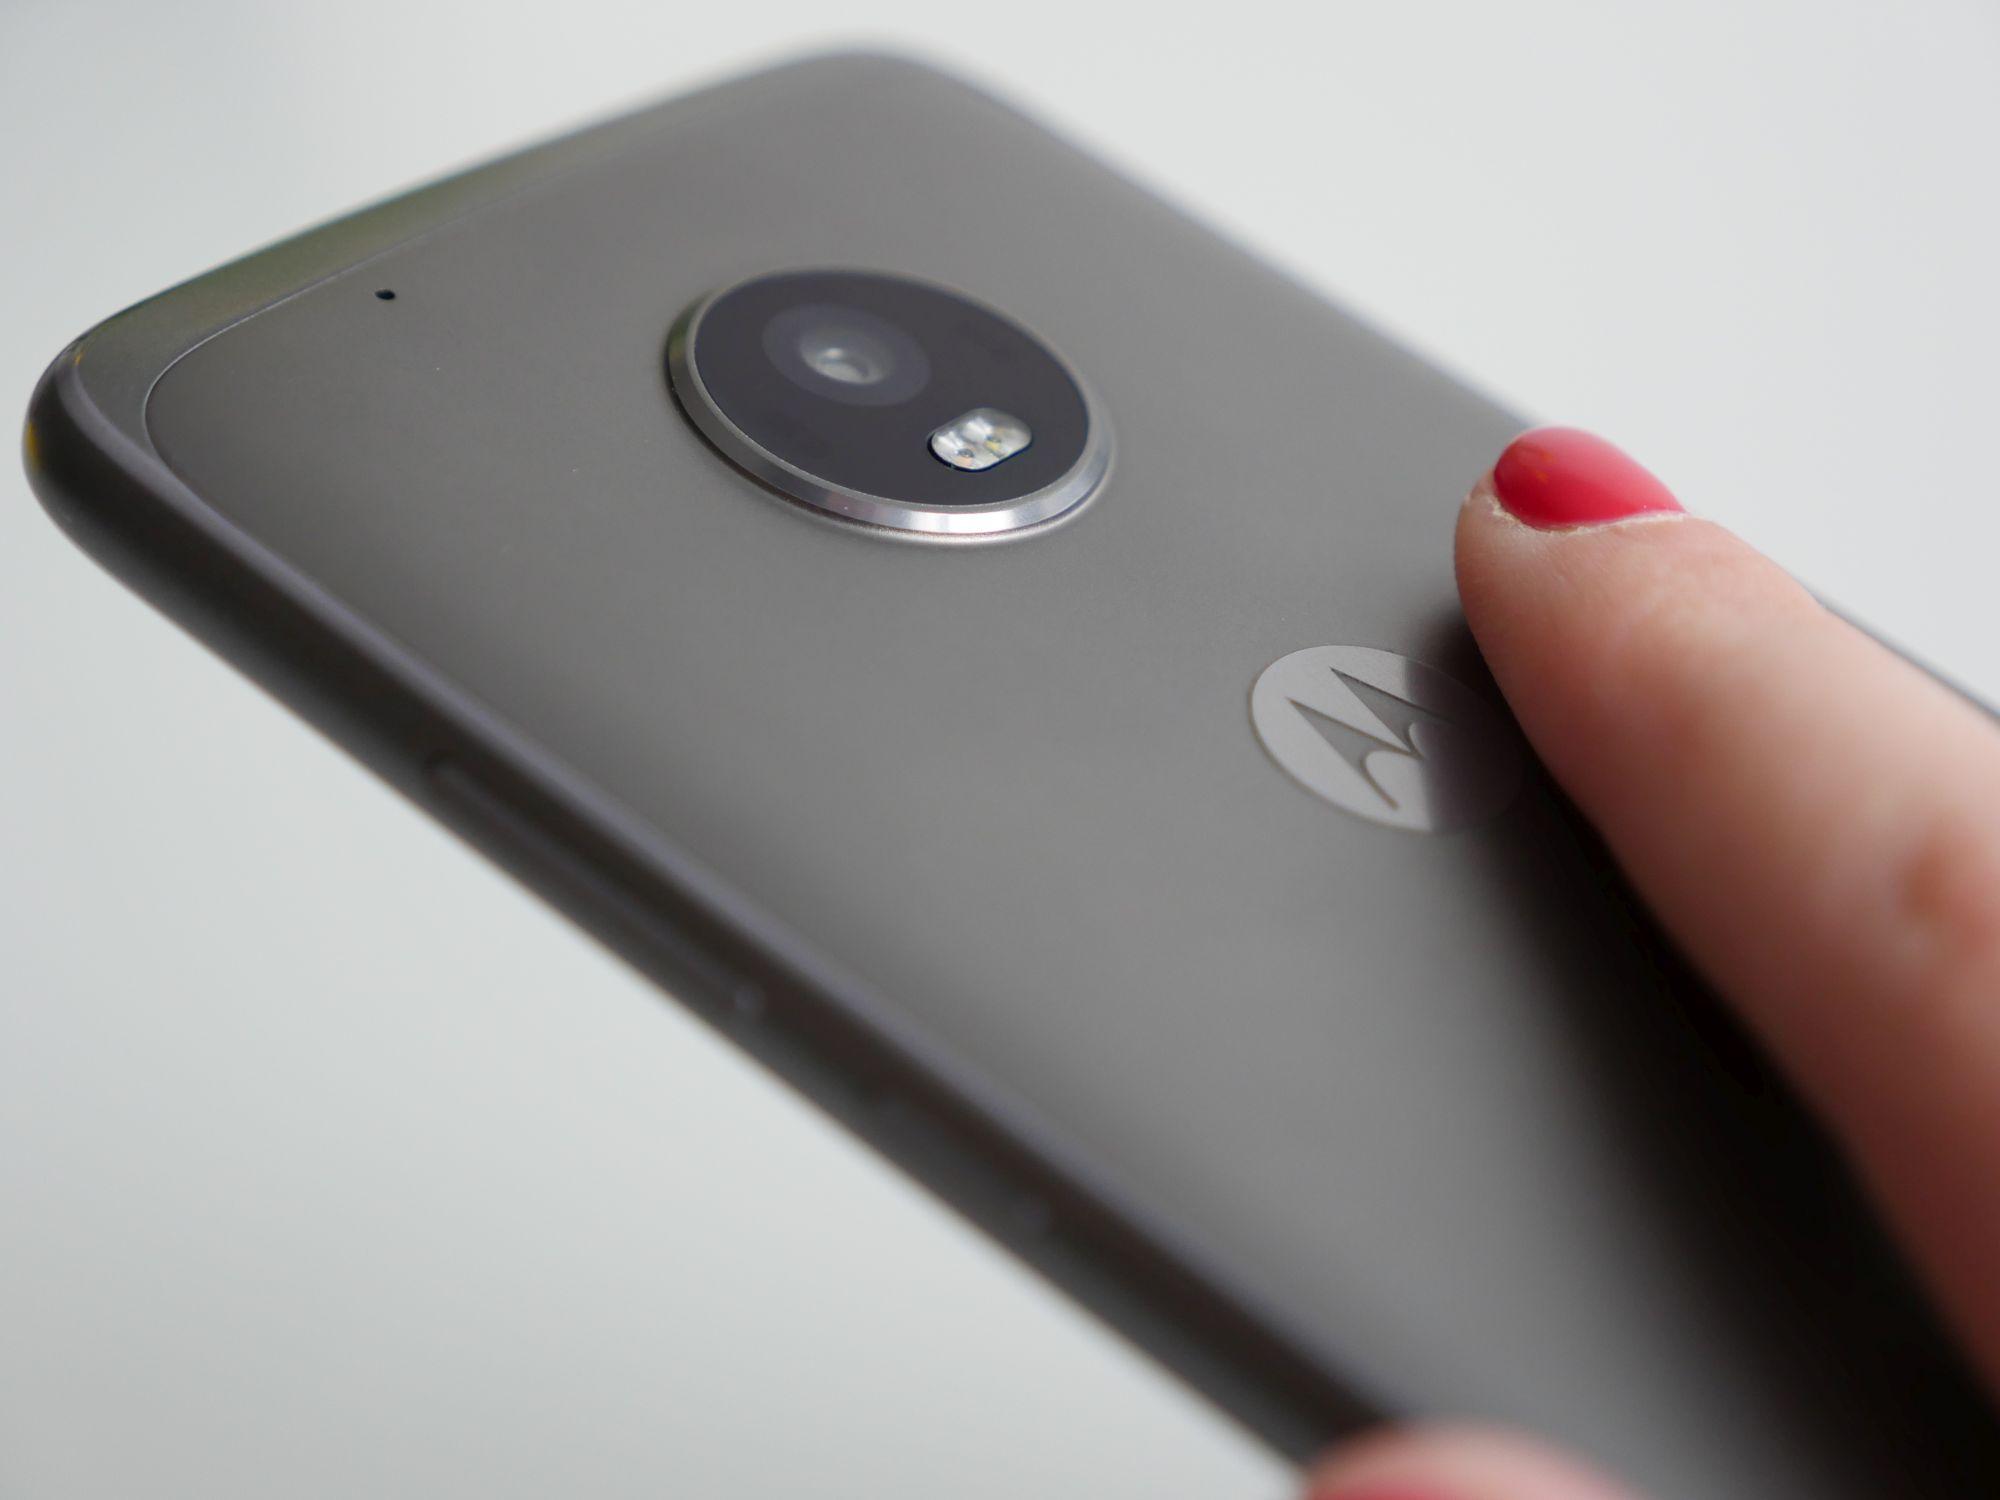 Zapowiada się ciekawie: Motorola wypuści na rynek budżetową wersję budżetowego smartfona 27